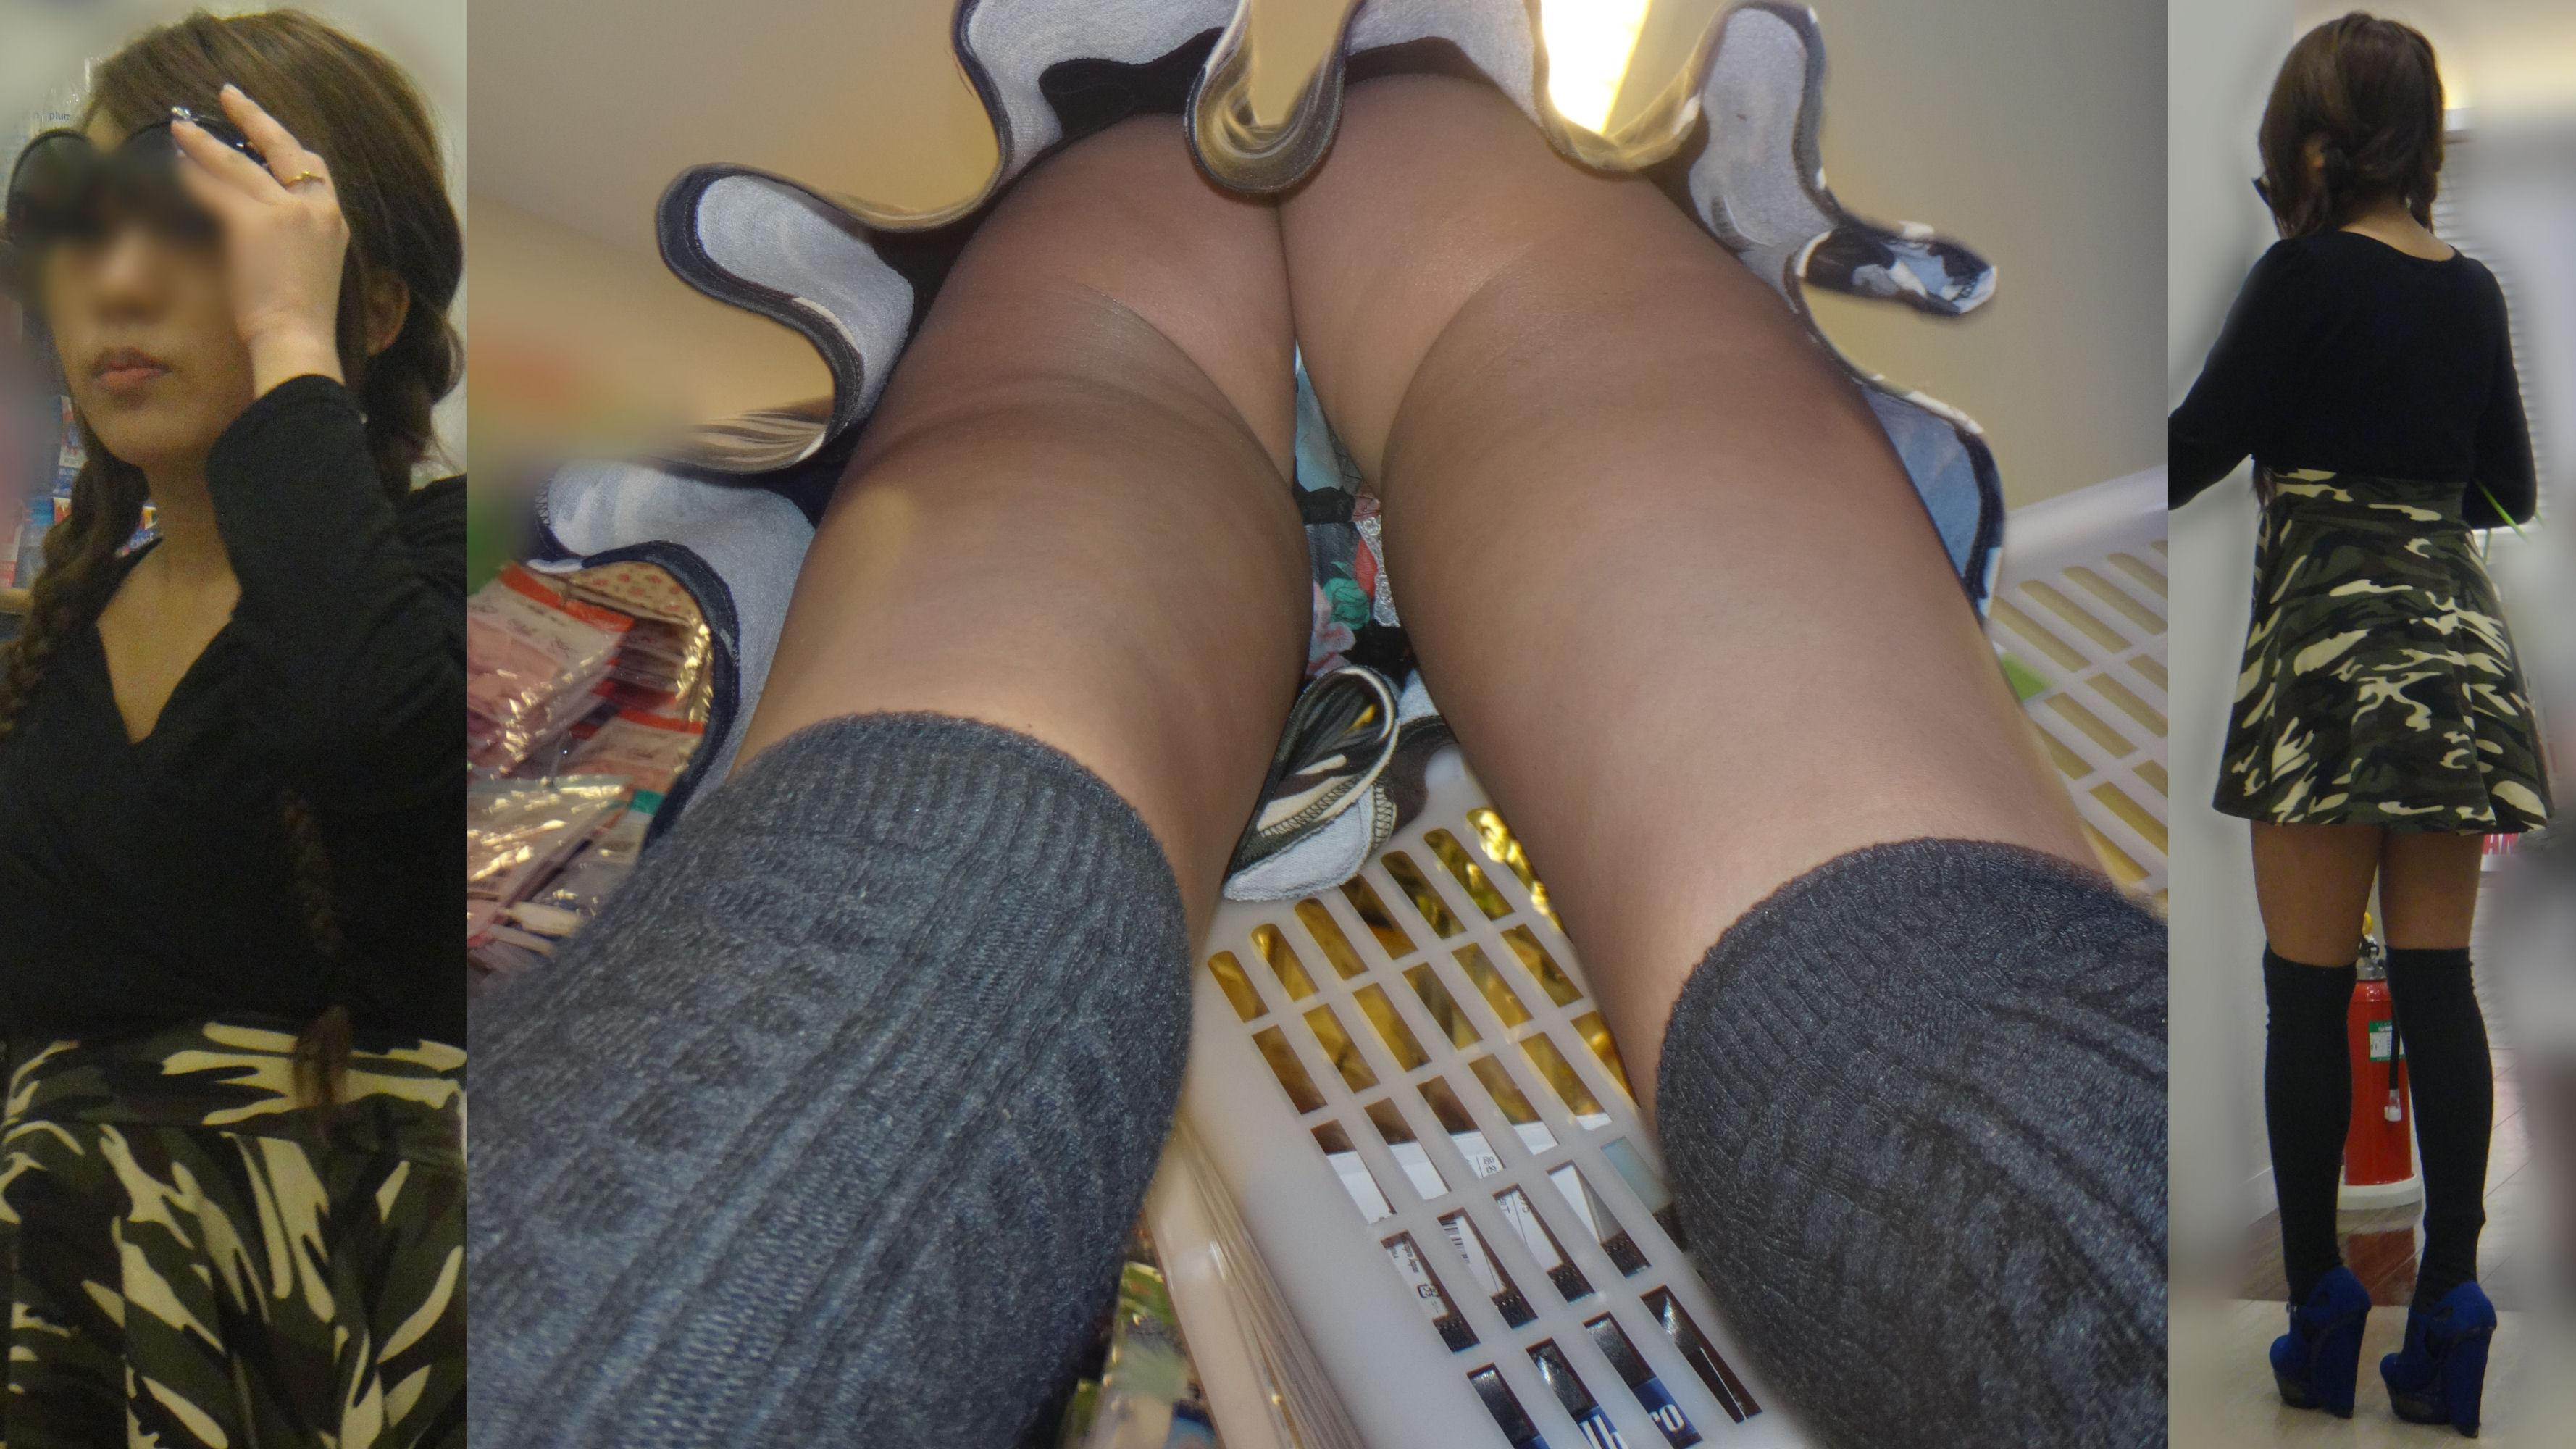 (逆さ撮り)ハミ毛・ハミマンまであるシロウトのTBACK逆さ撮りパンツ丸見え写真